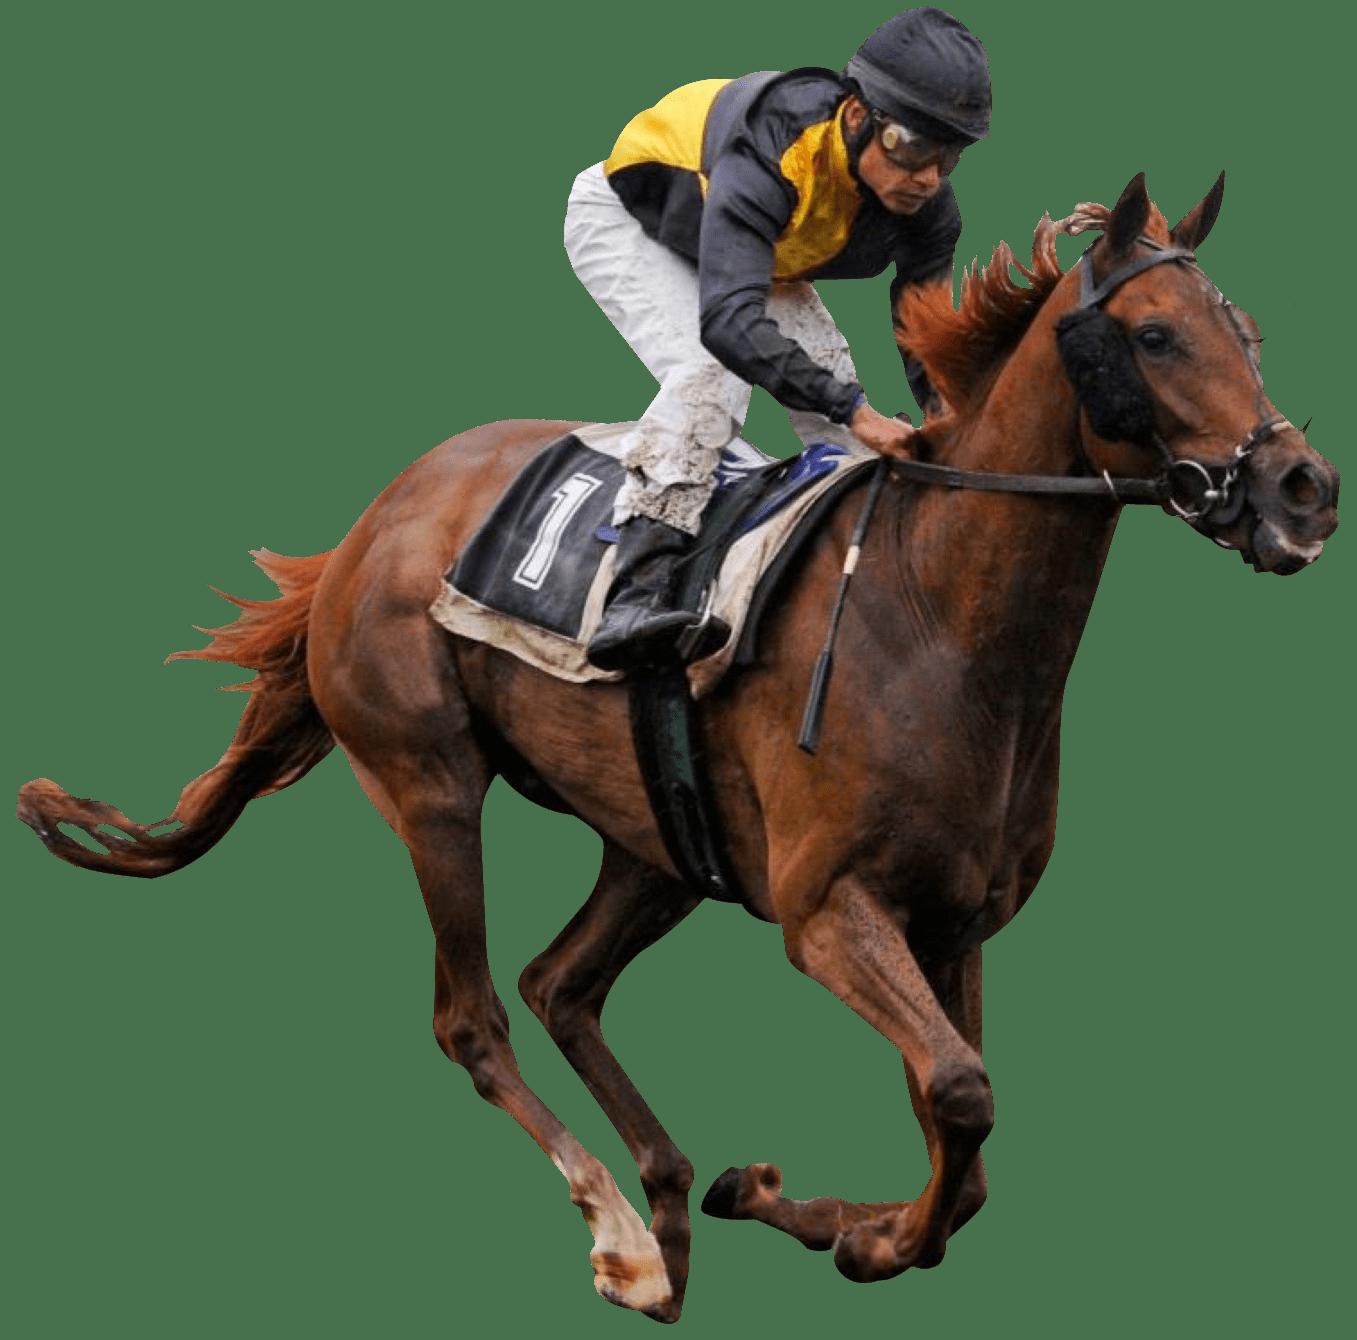 Horses transparent png images. Race clipart racecourse